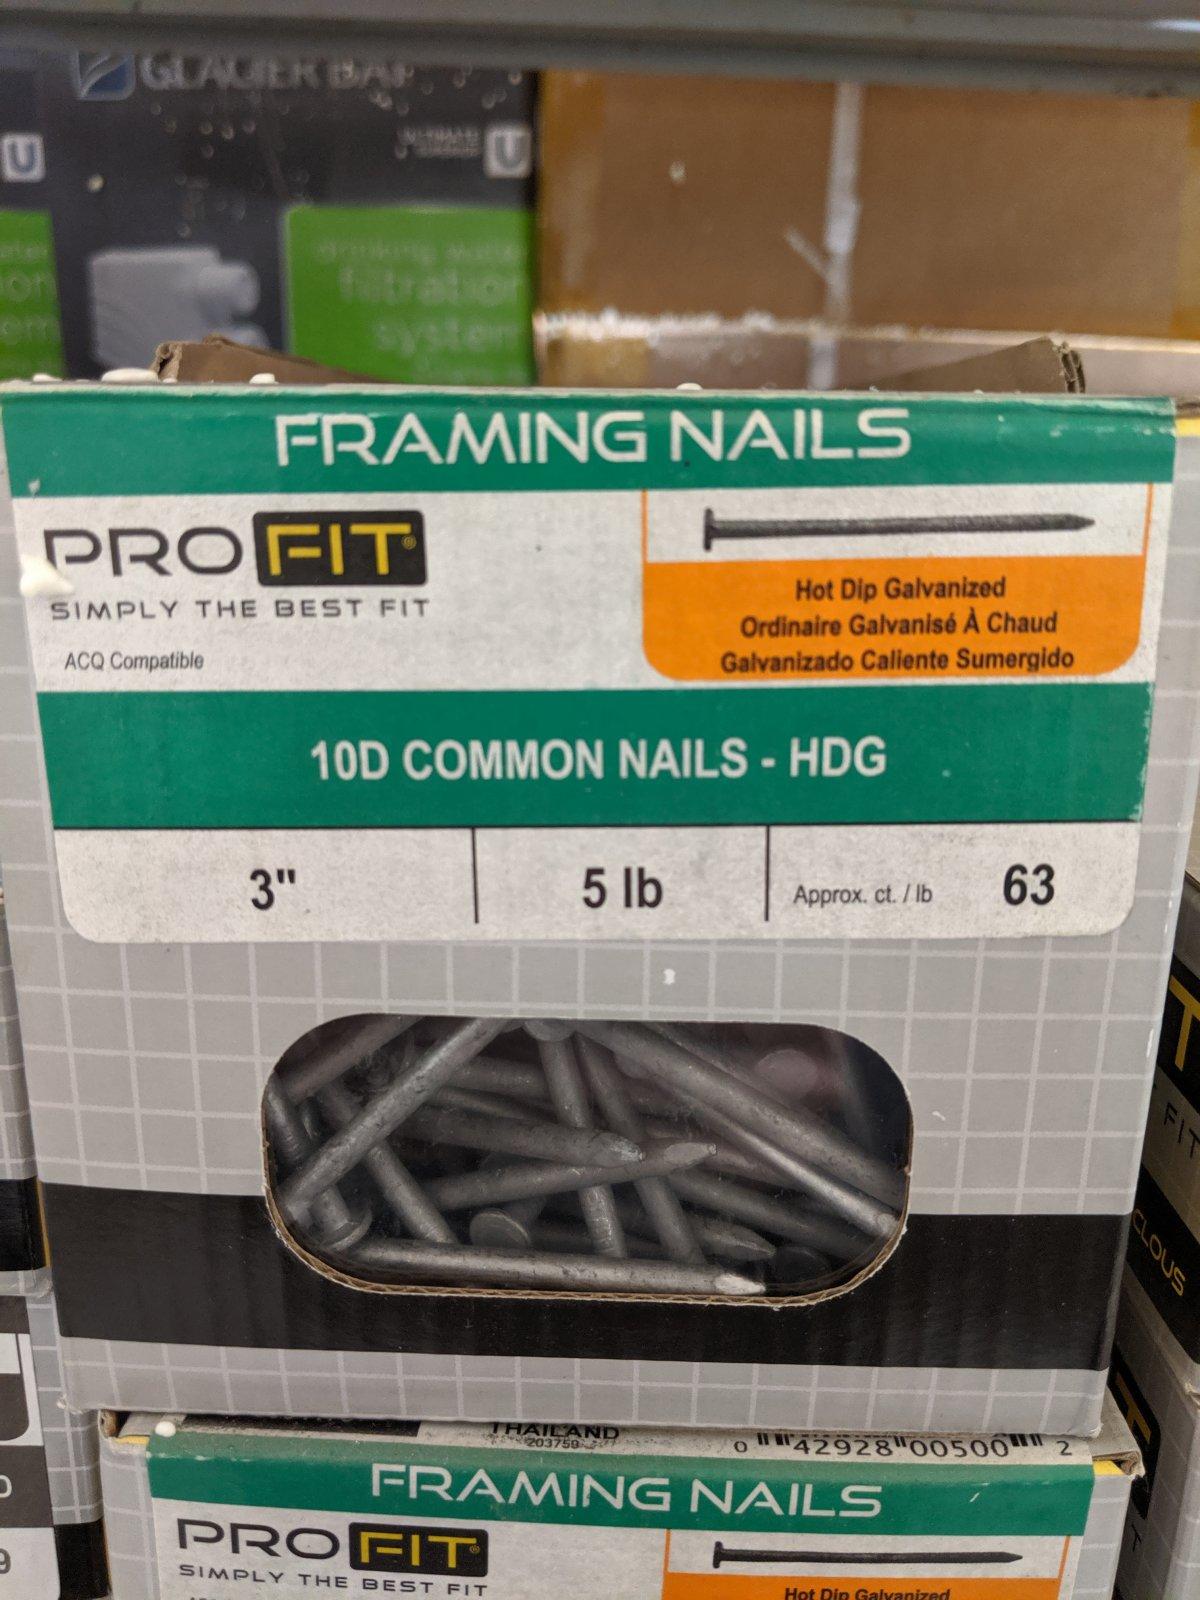 3 10D FRAMING NAILS 5LB